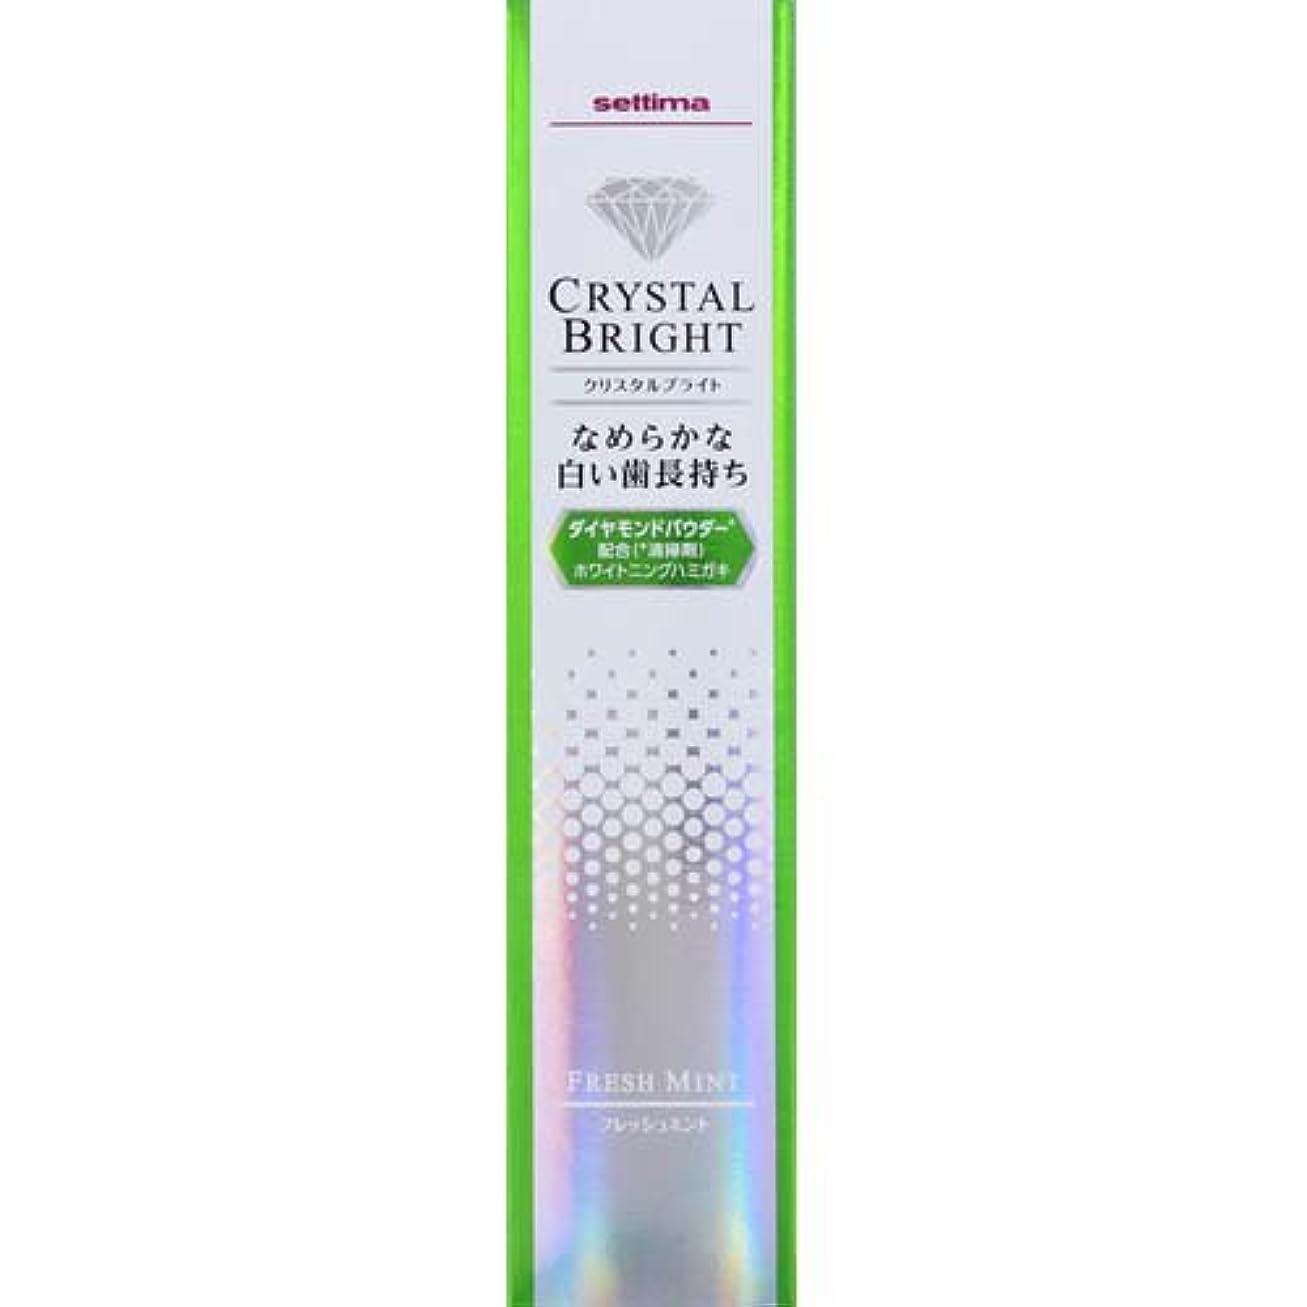 政治ユニークな空気セッチマ クリスタルブライト ハミガキ フレッシュミント 40g